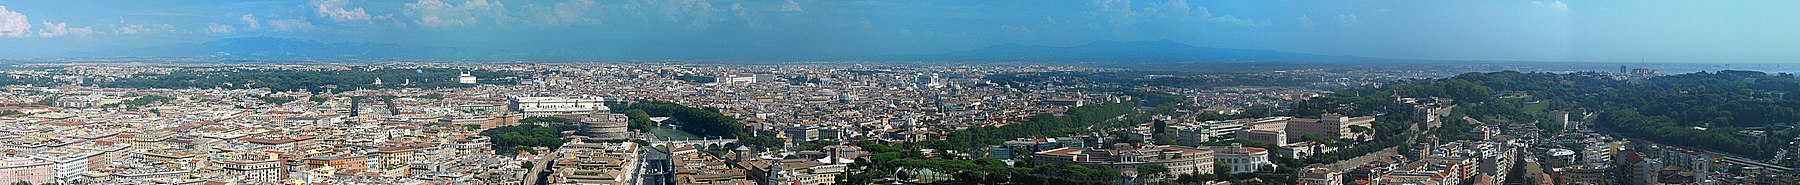 Panoramisch uitzicht over Rome uit het westen vanuit de koepel van de Sint-Pieter.